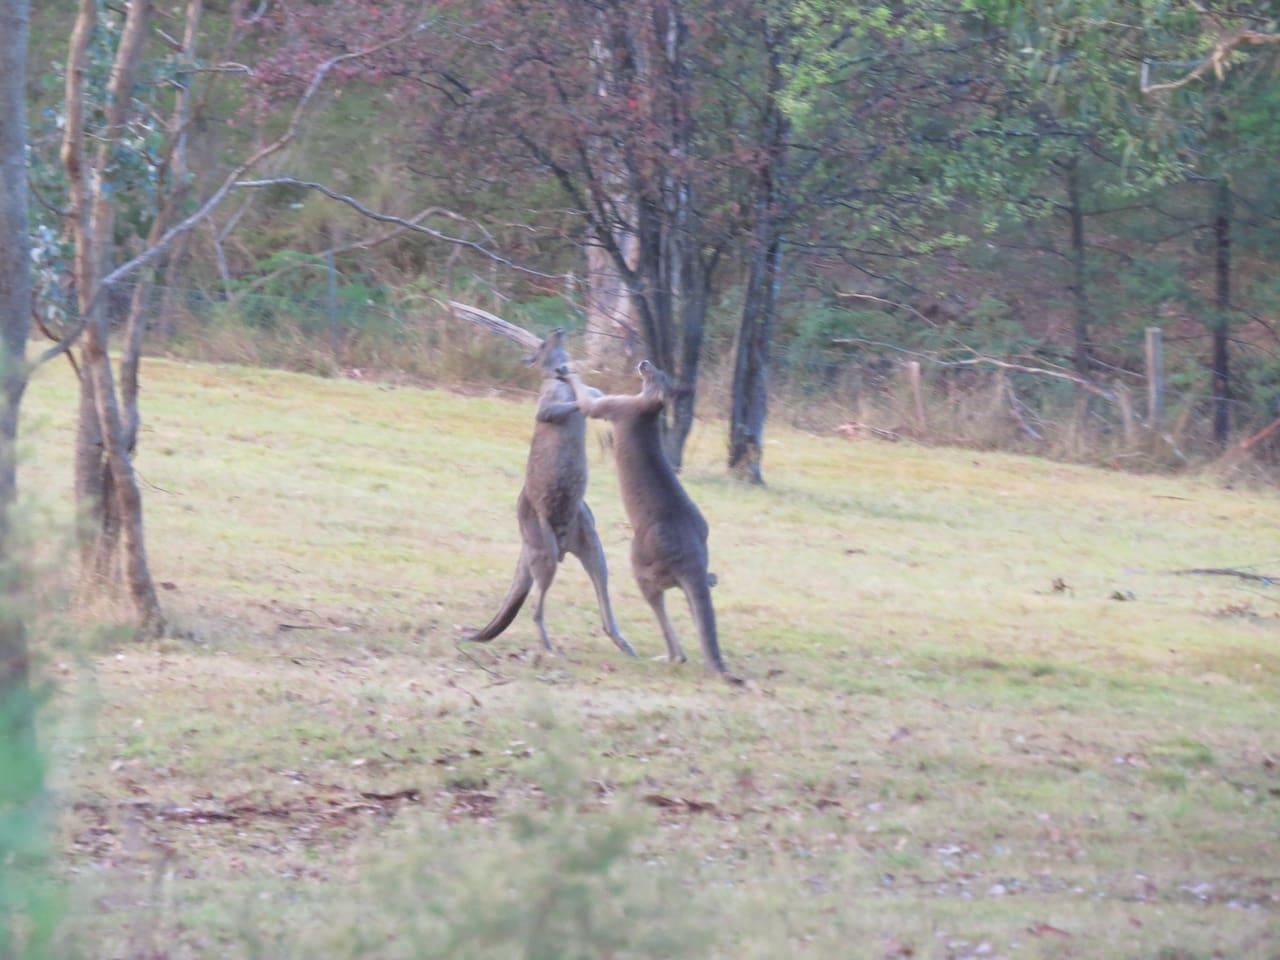 Kangaroos fighting at the back